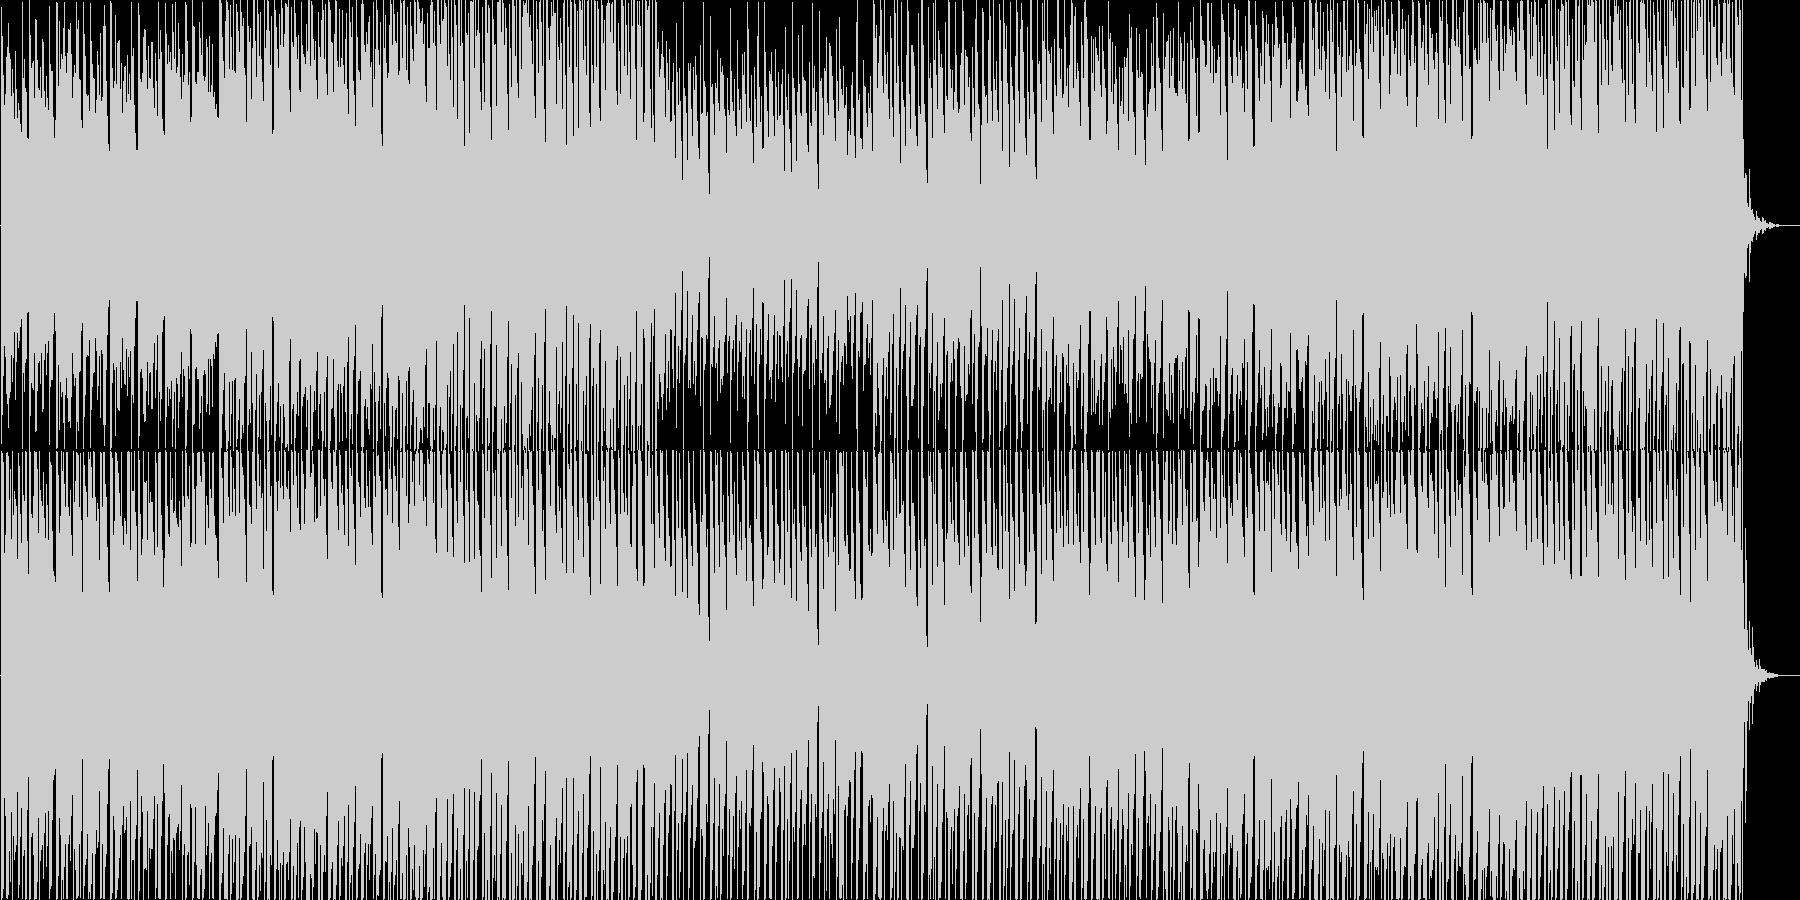 近未来系で軽快なダウンテンポEDMポップの未再生の波形